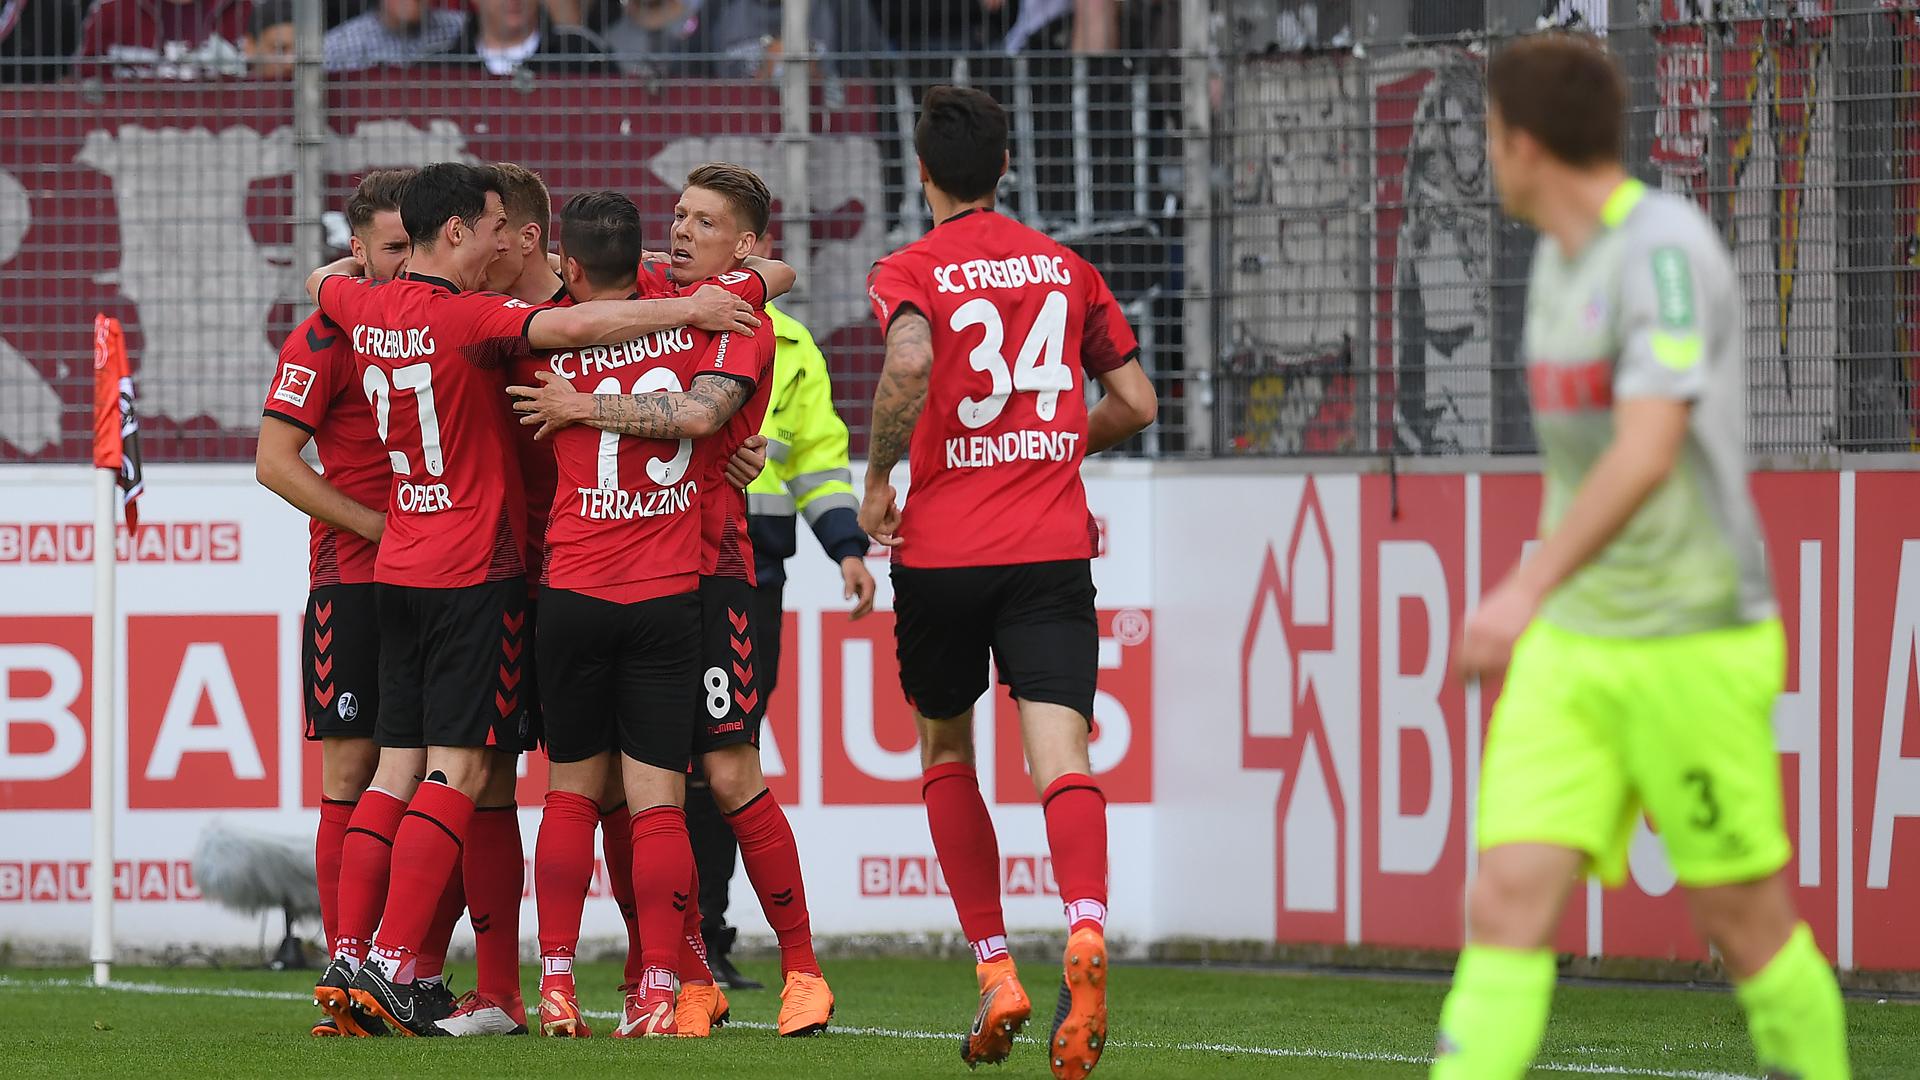 SC Freiburg 1. FC Köln Bundesliga 28042018